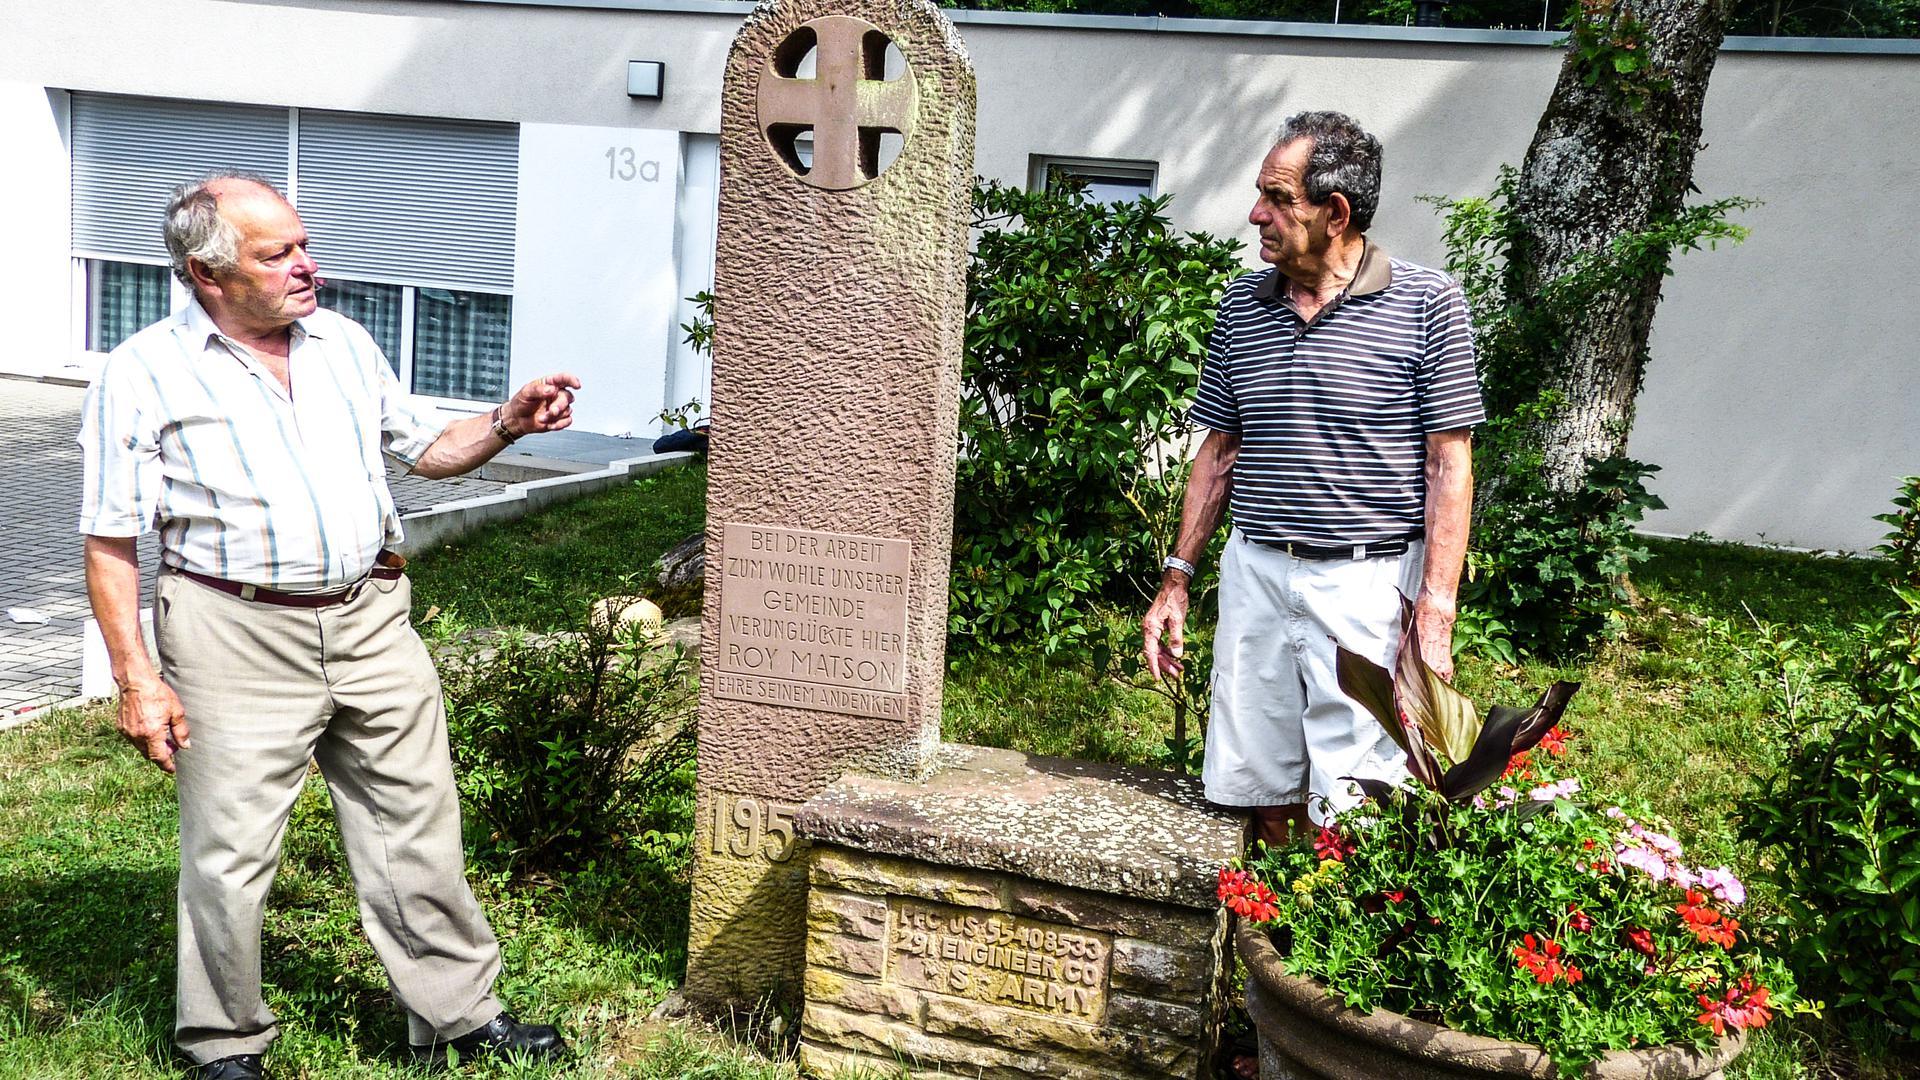 Erinnerungen an ihre Schulzeit und an die amerikanischen Soldaten tauschten Bernhard Weber (links) und Edgar Ohl aus, als sie sich auf Einladung der BNN am Gedenkstein in der Busenbacher Bahnhofstraße trafen.